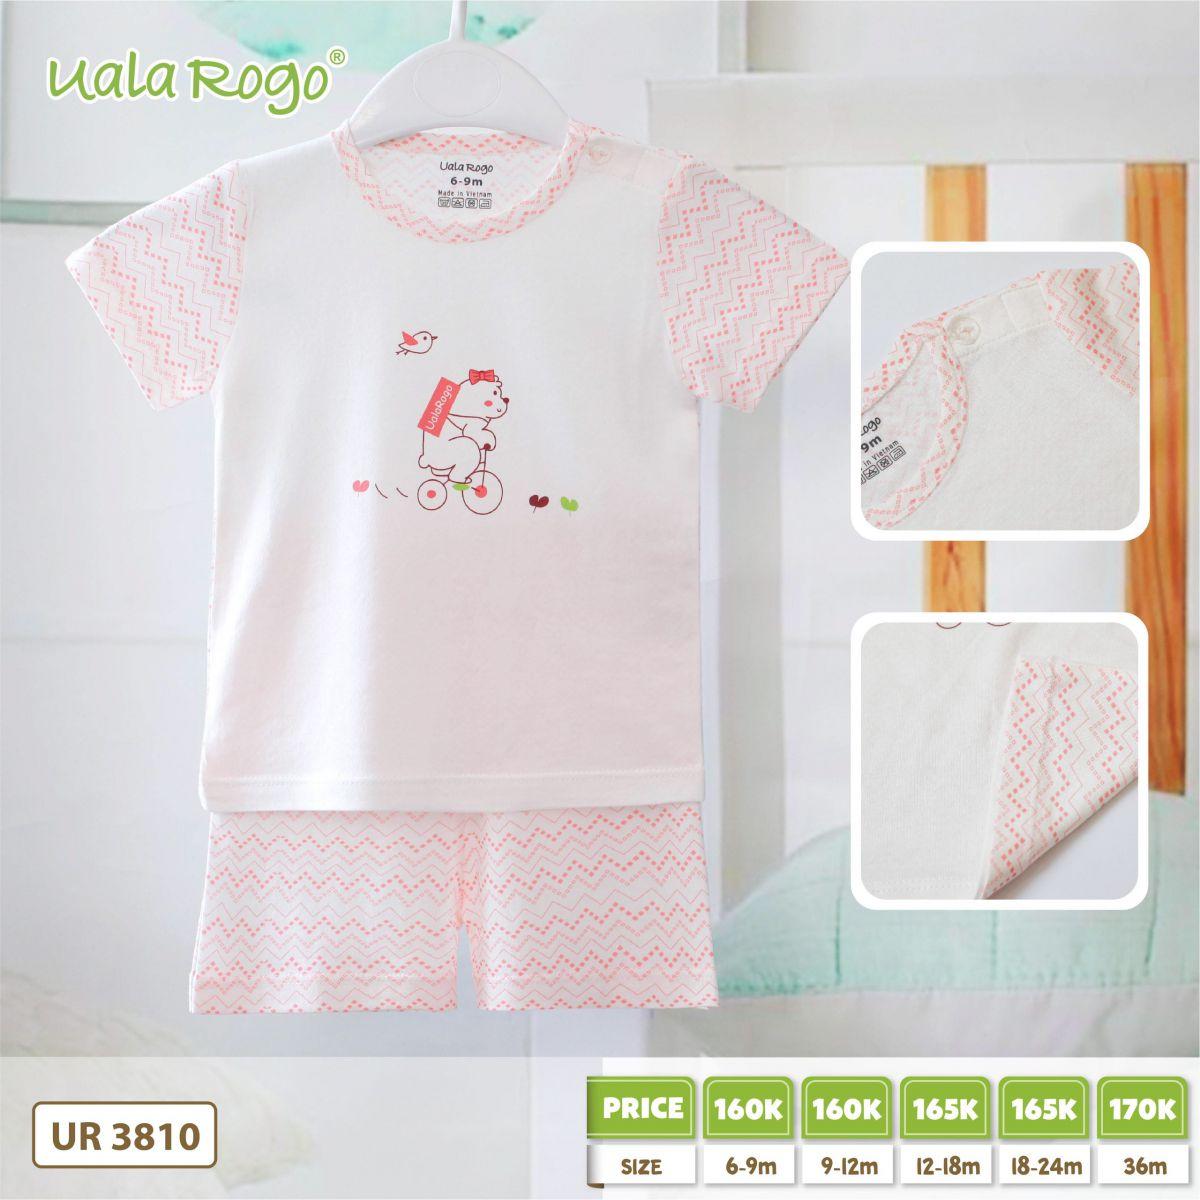 UR3810.hồng- Set đồ đùi gấu hồng Uala Rogo